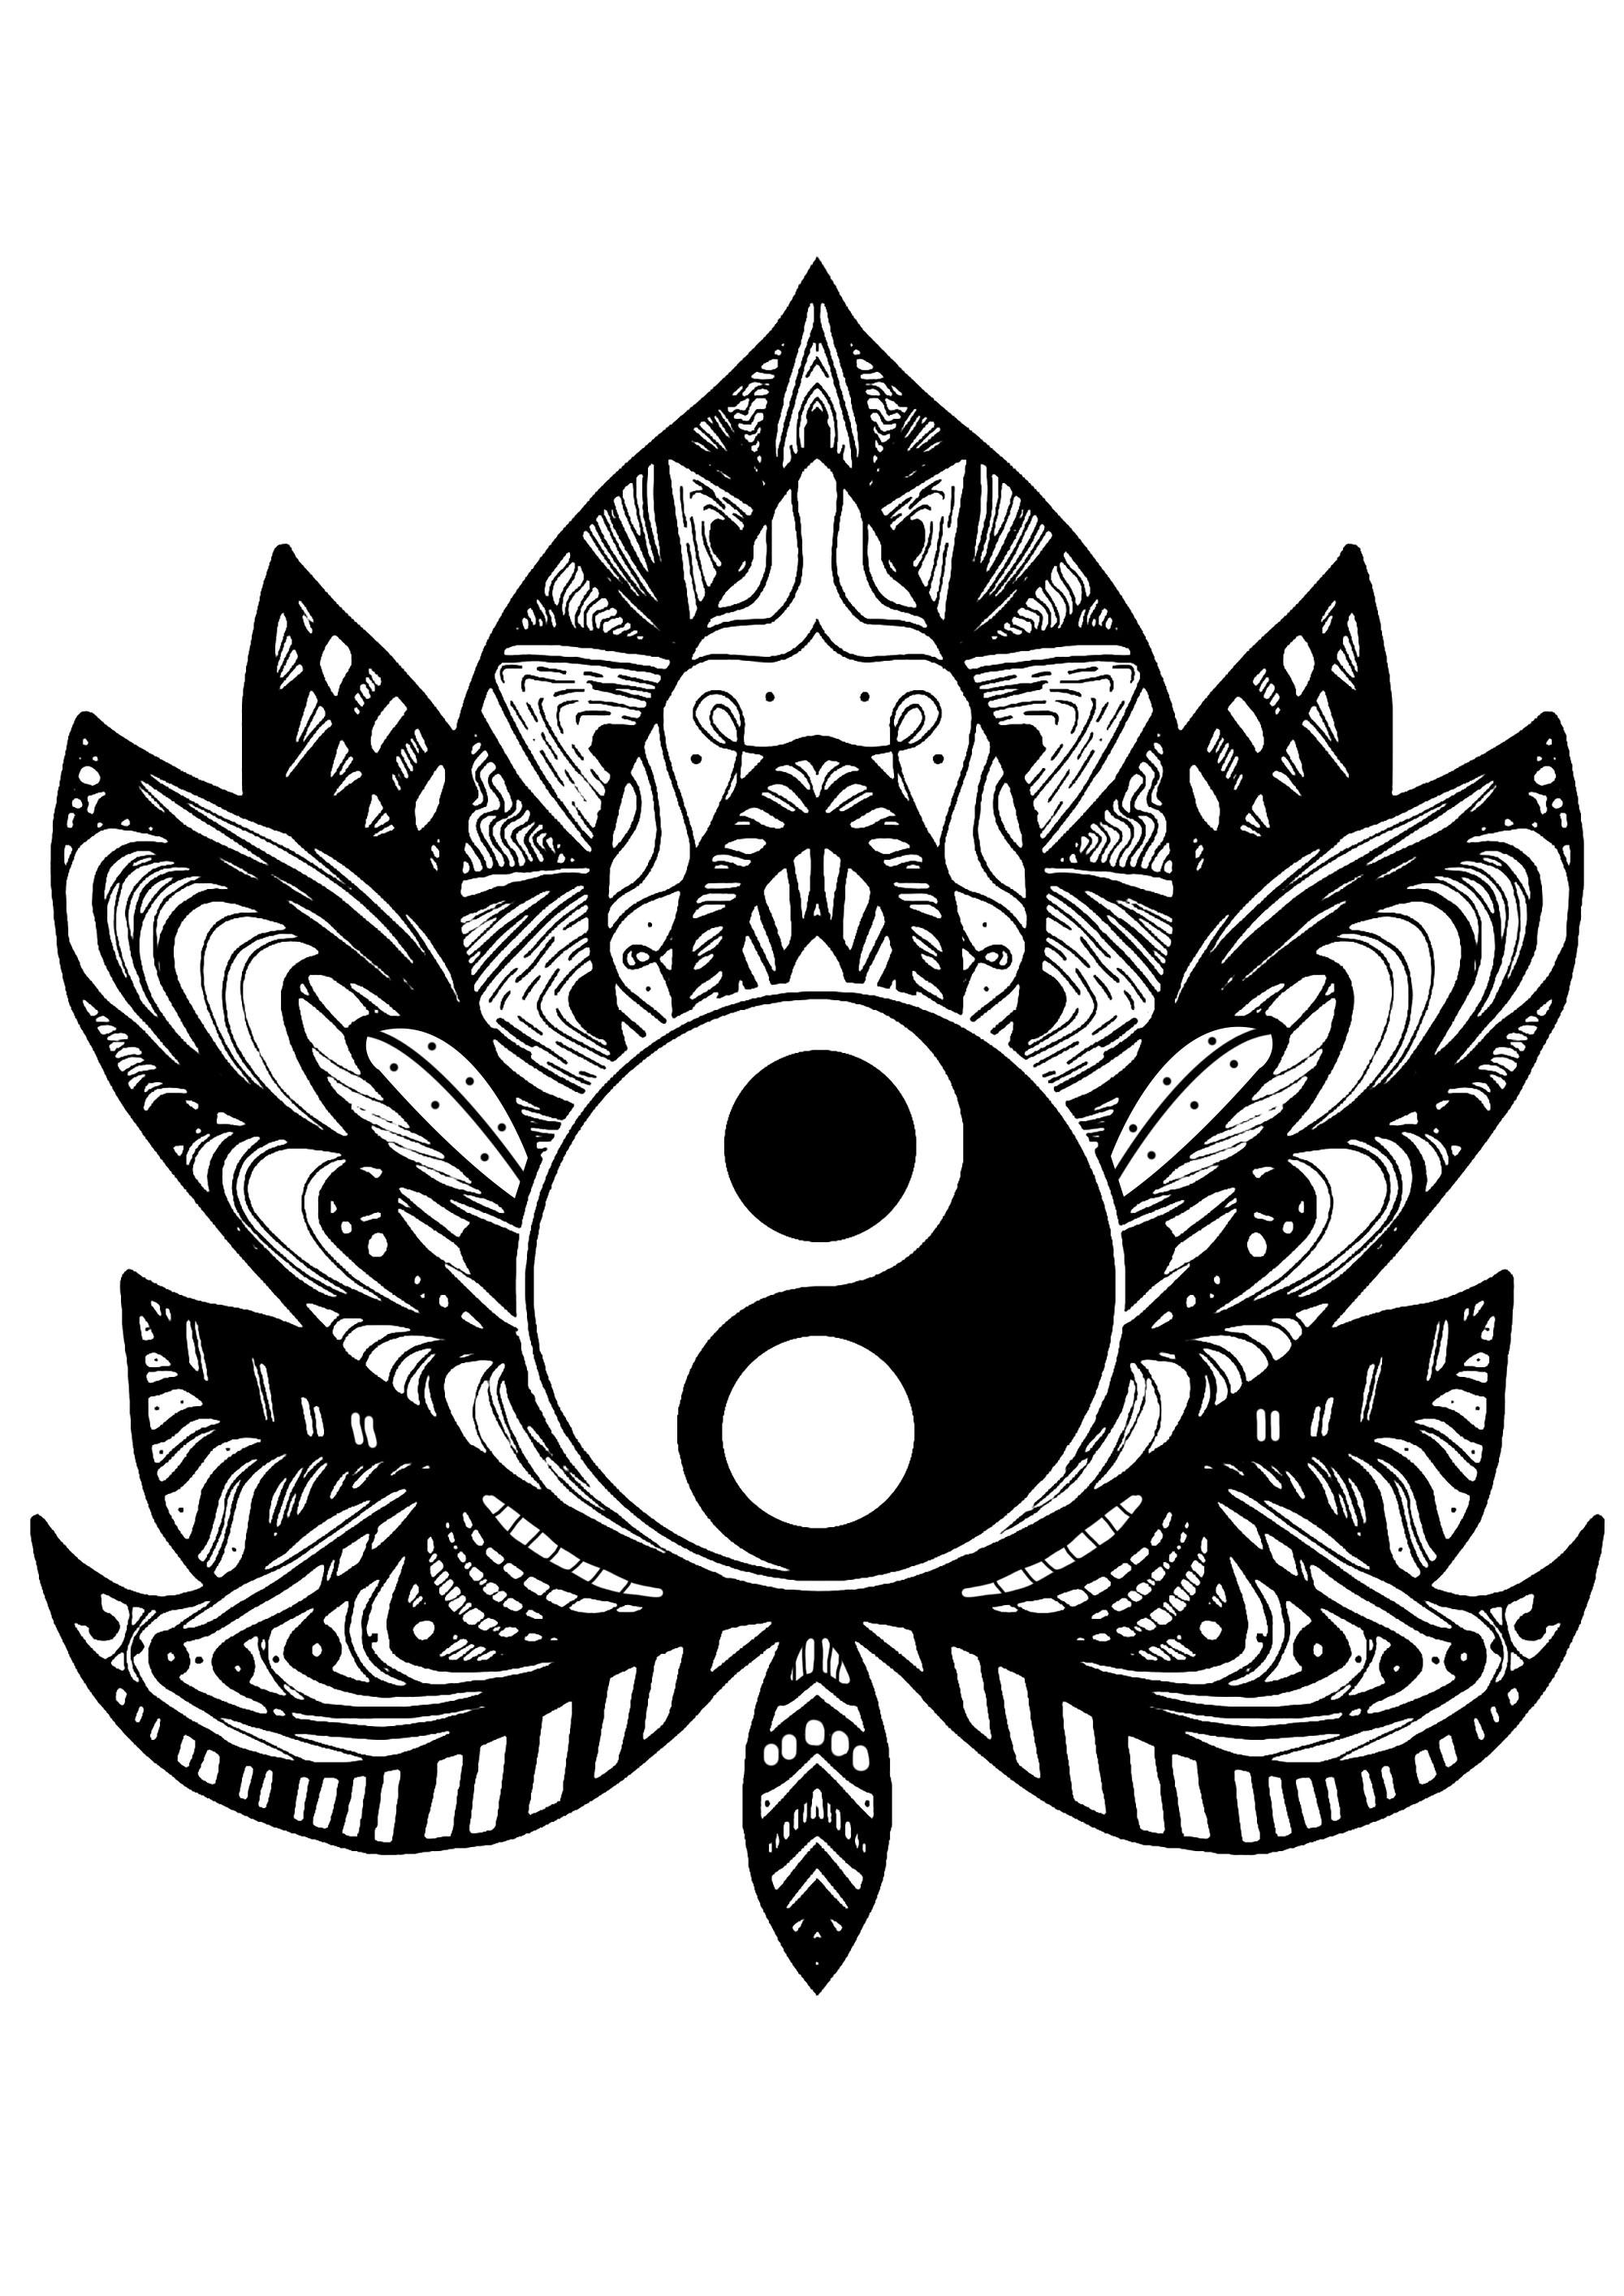 Disegni da Colorare per Adulti : Anti-stress / Zen - 2